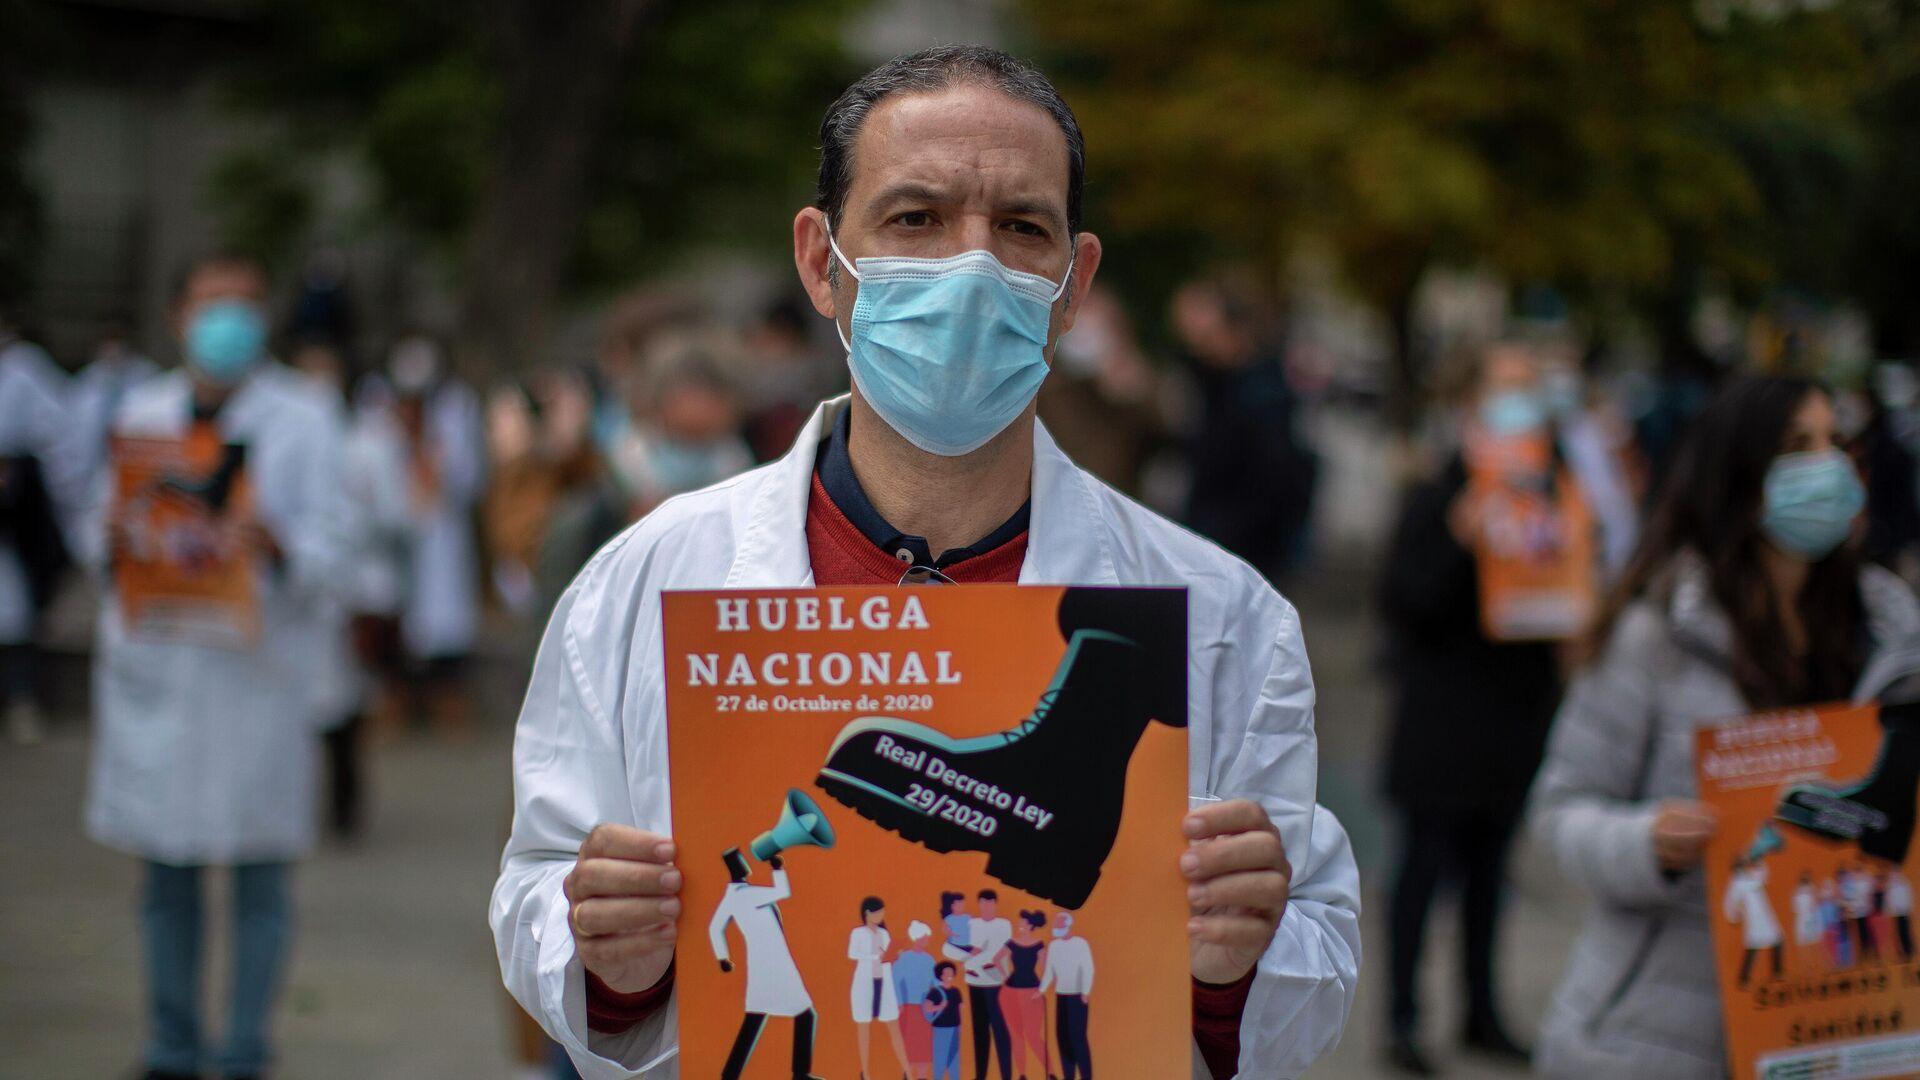 Huelga de médicos en Madrid, España - Sputnik Mundo, 1920, 27.04.2021